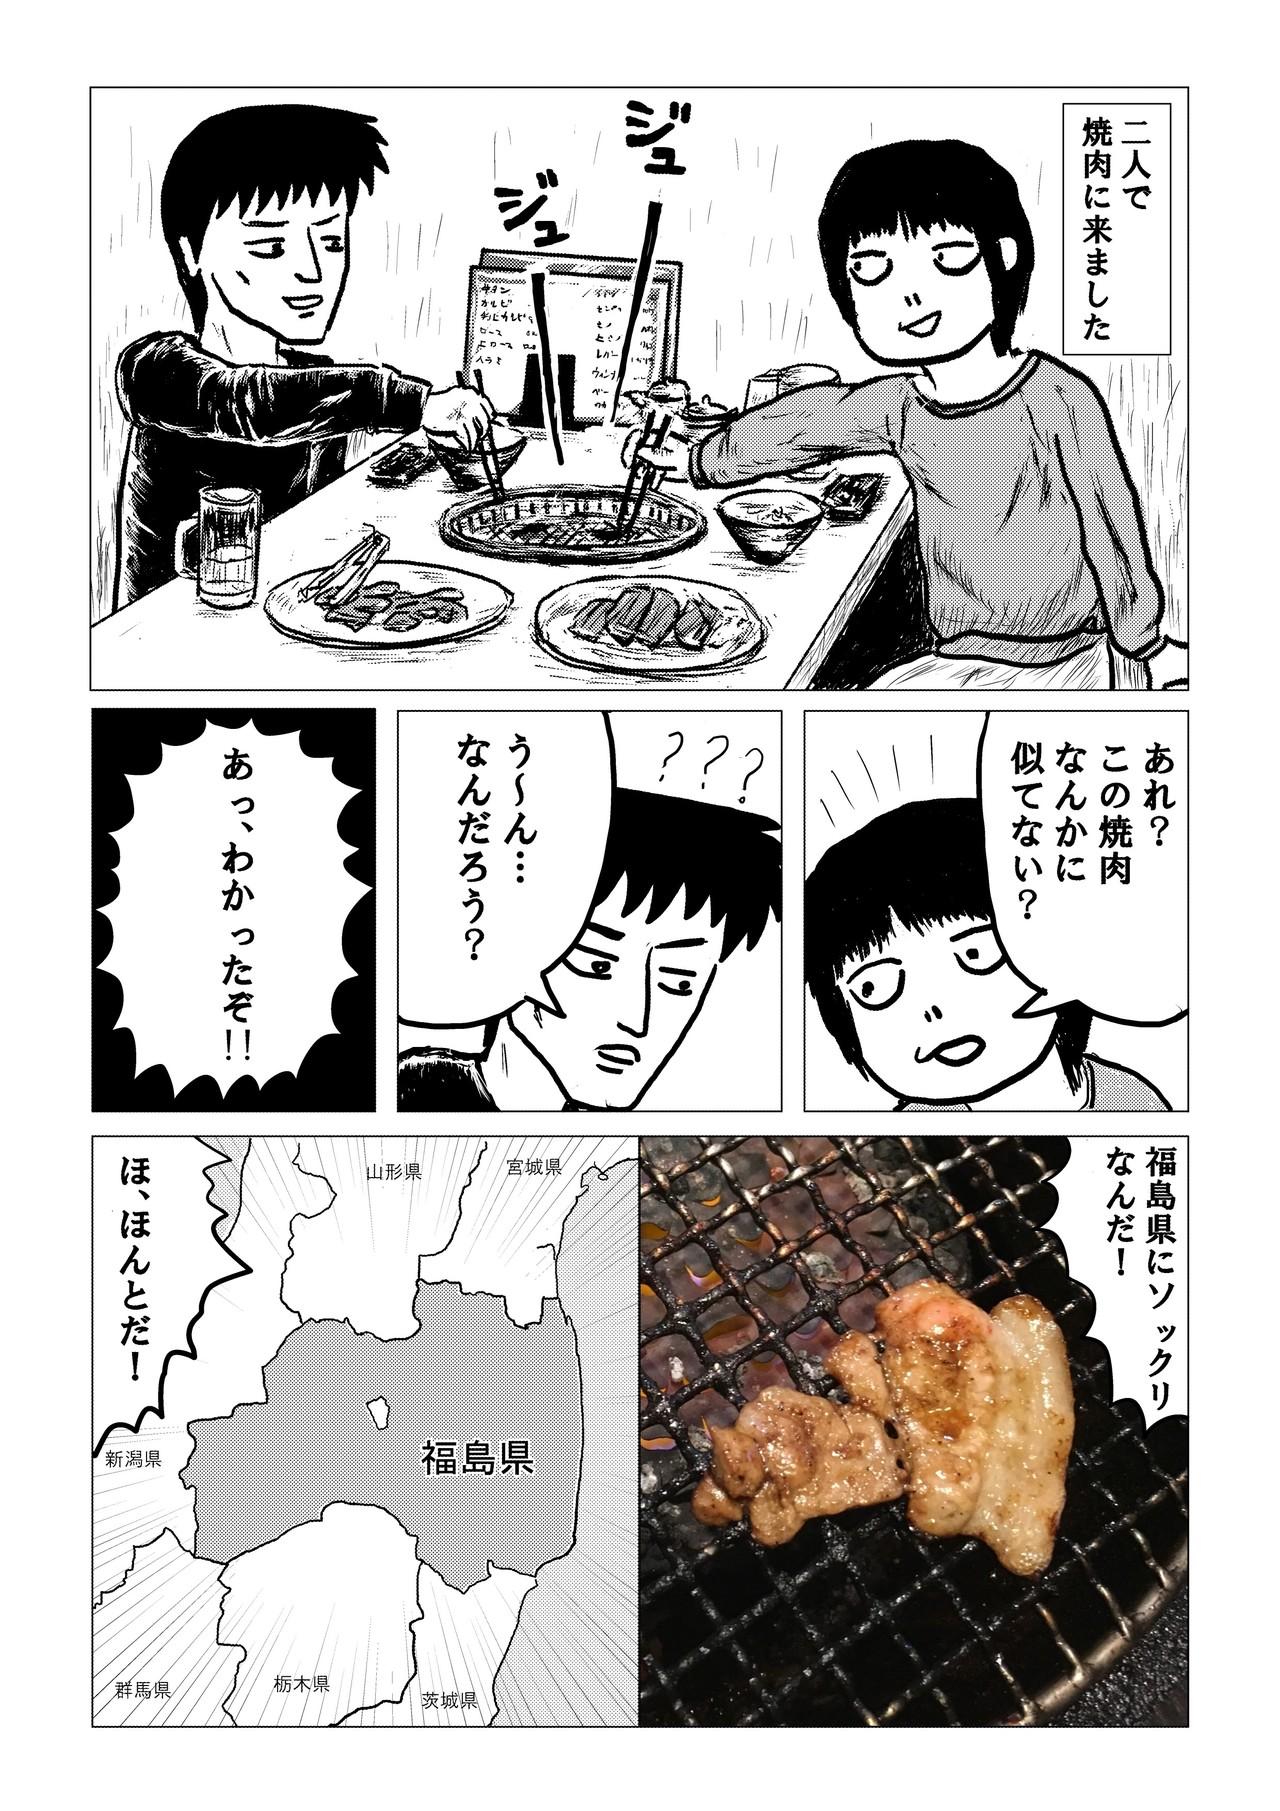 福島の復興を祈っています。作:ETSU